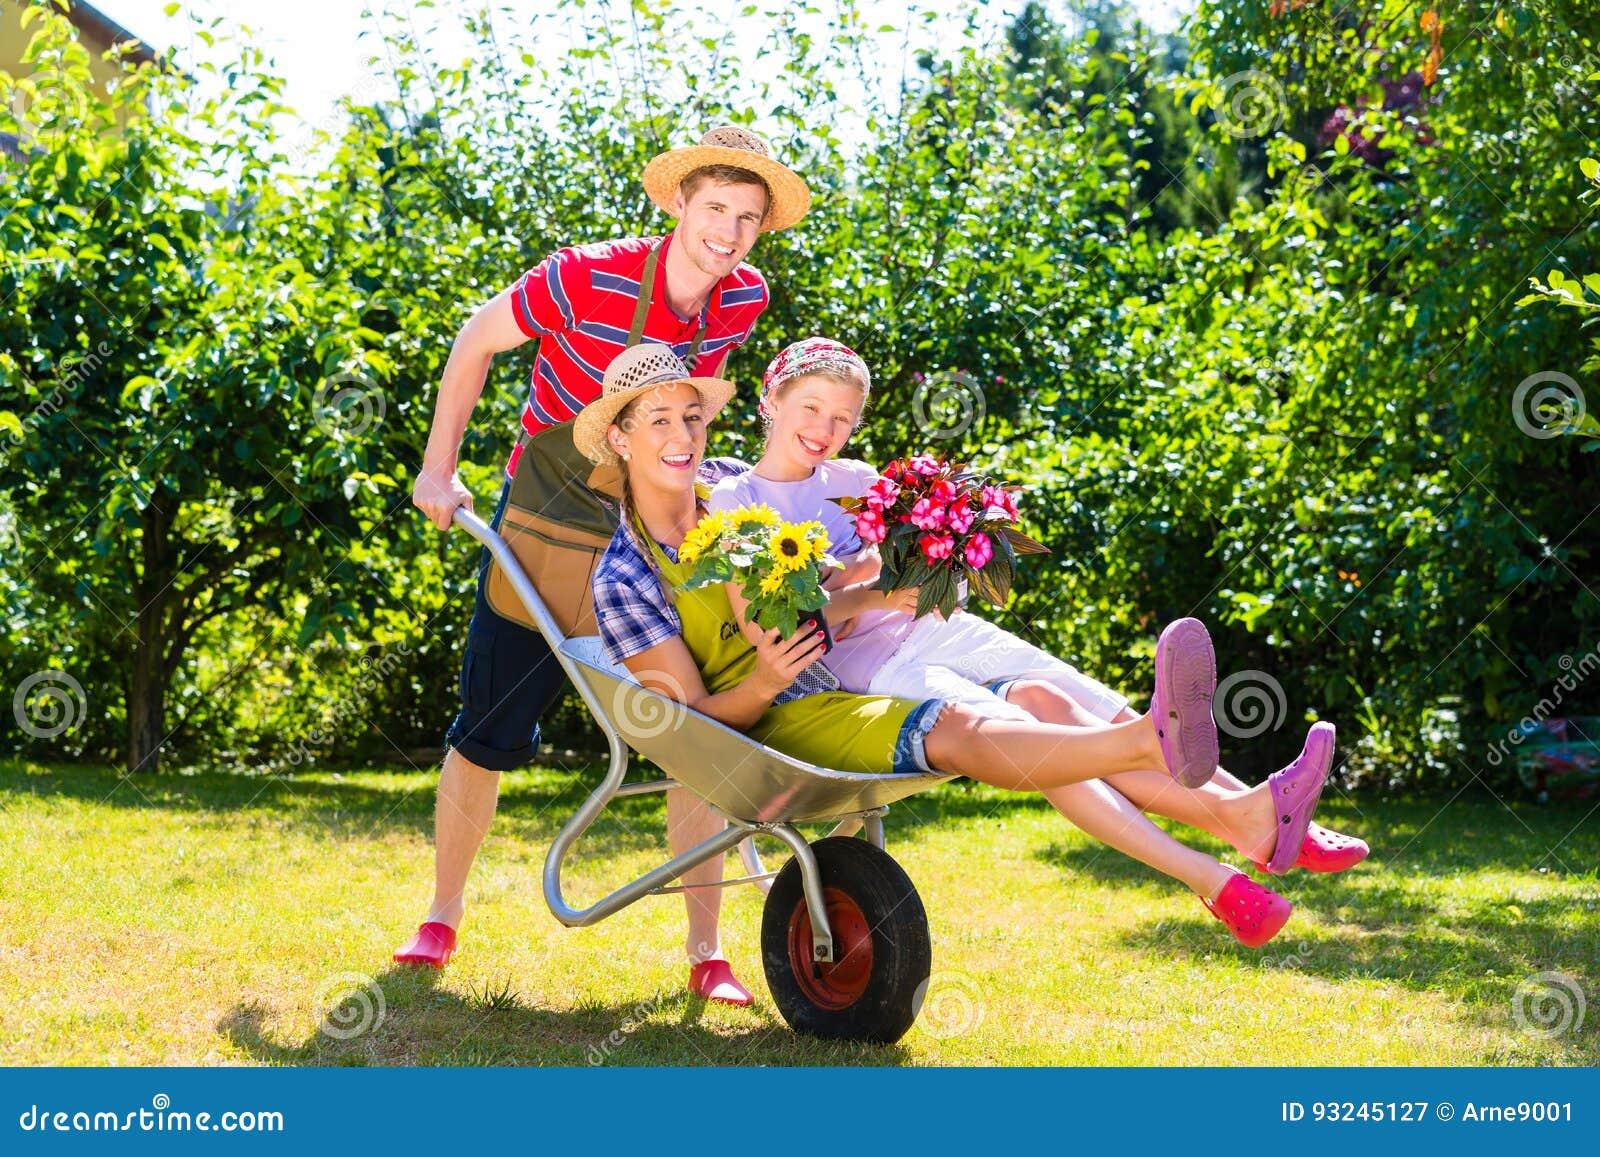 Coppie in giardino con l 39 annaffiatoio e la carriola - Annaffiatoio da giardino ...